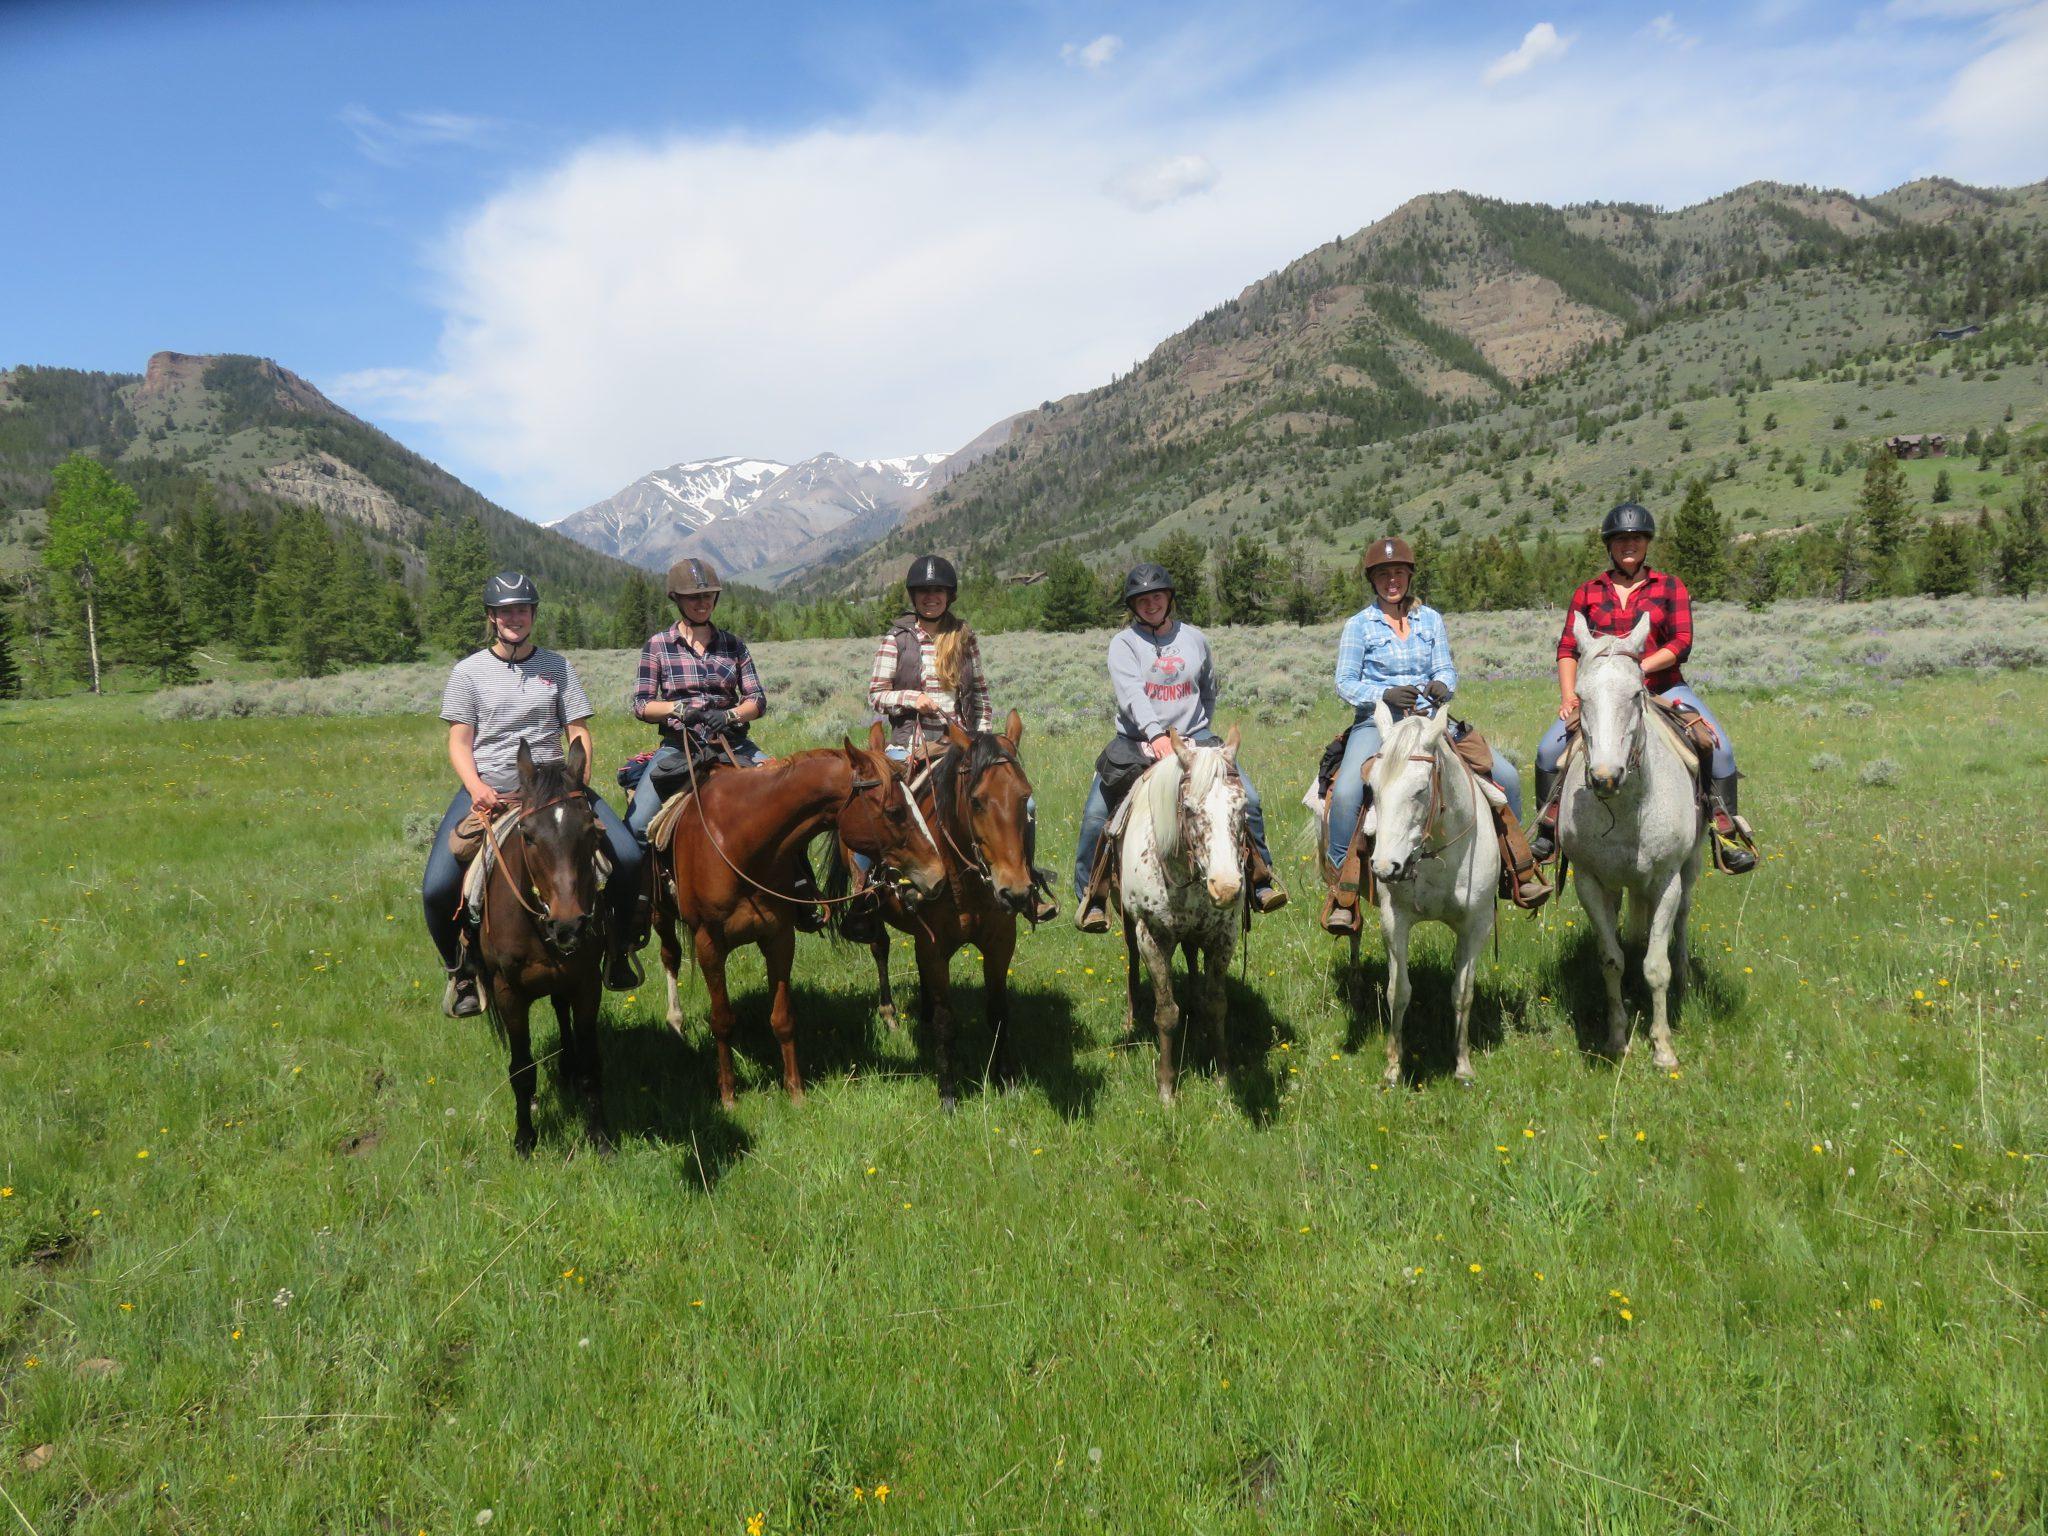 Groep ruiters op ranchvakantie in de VS